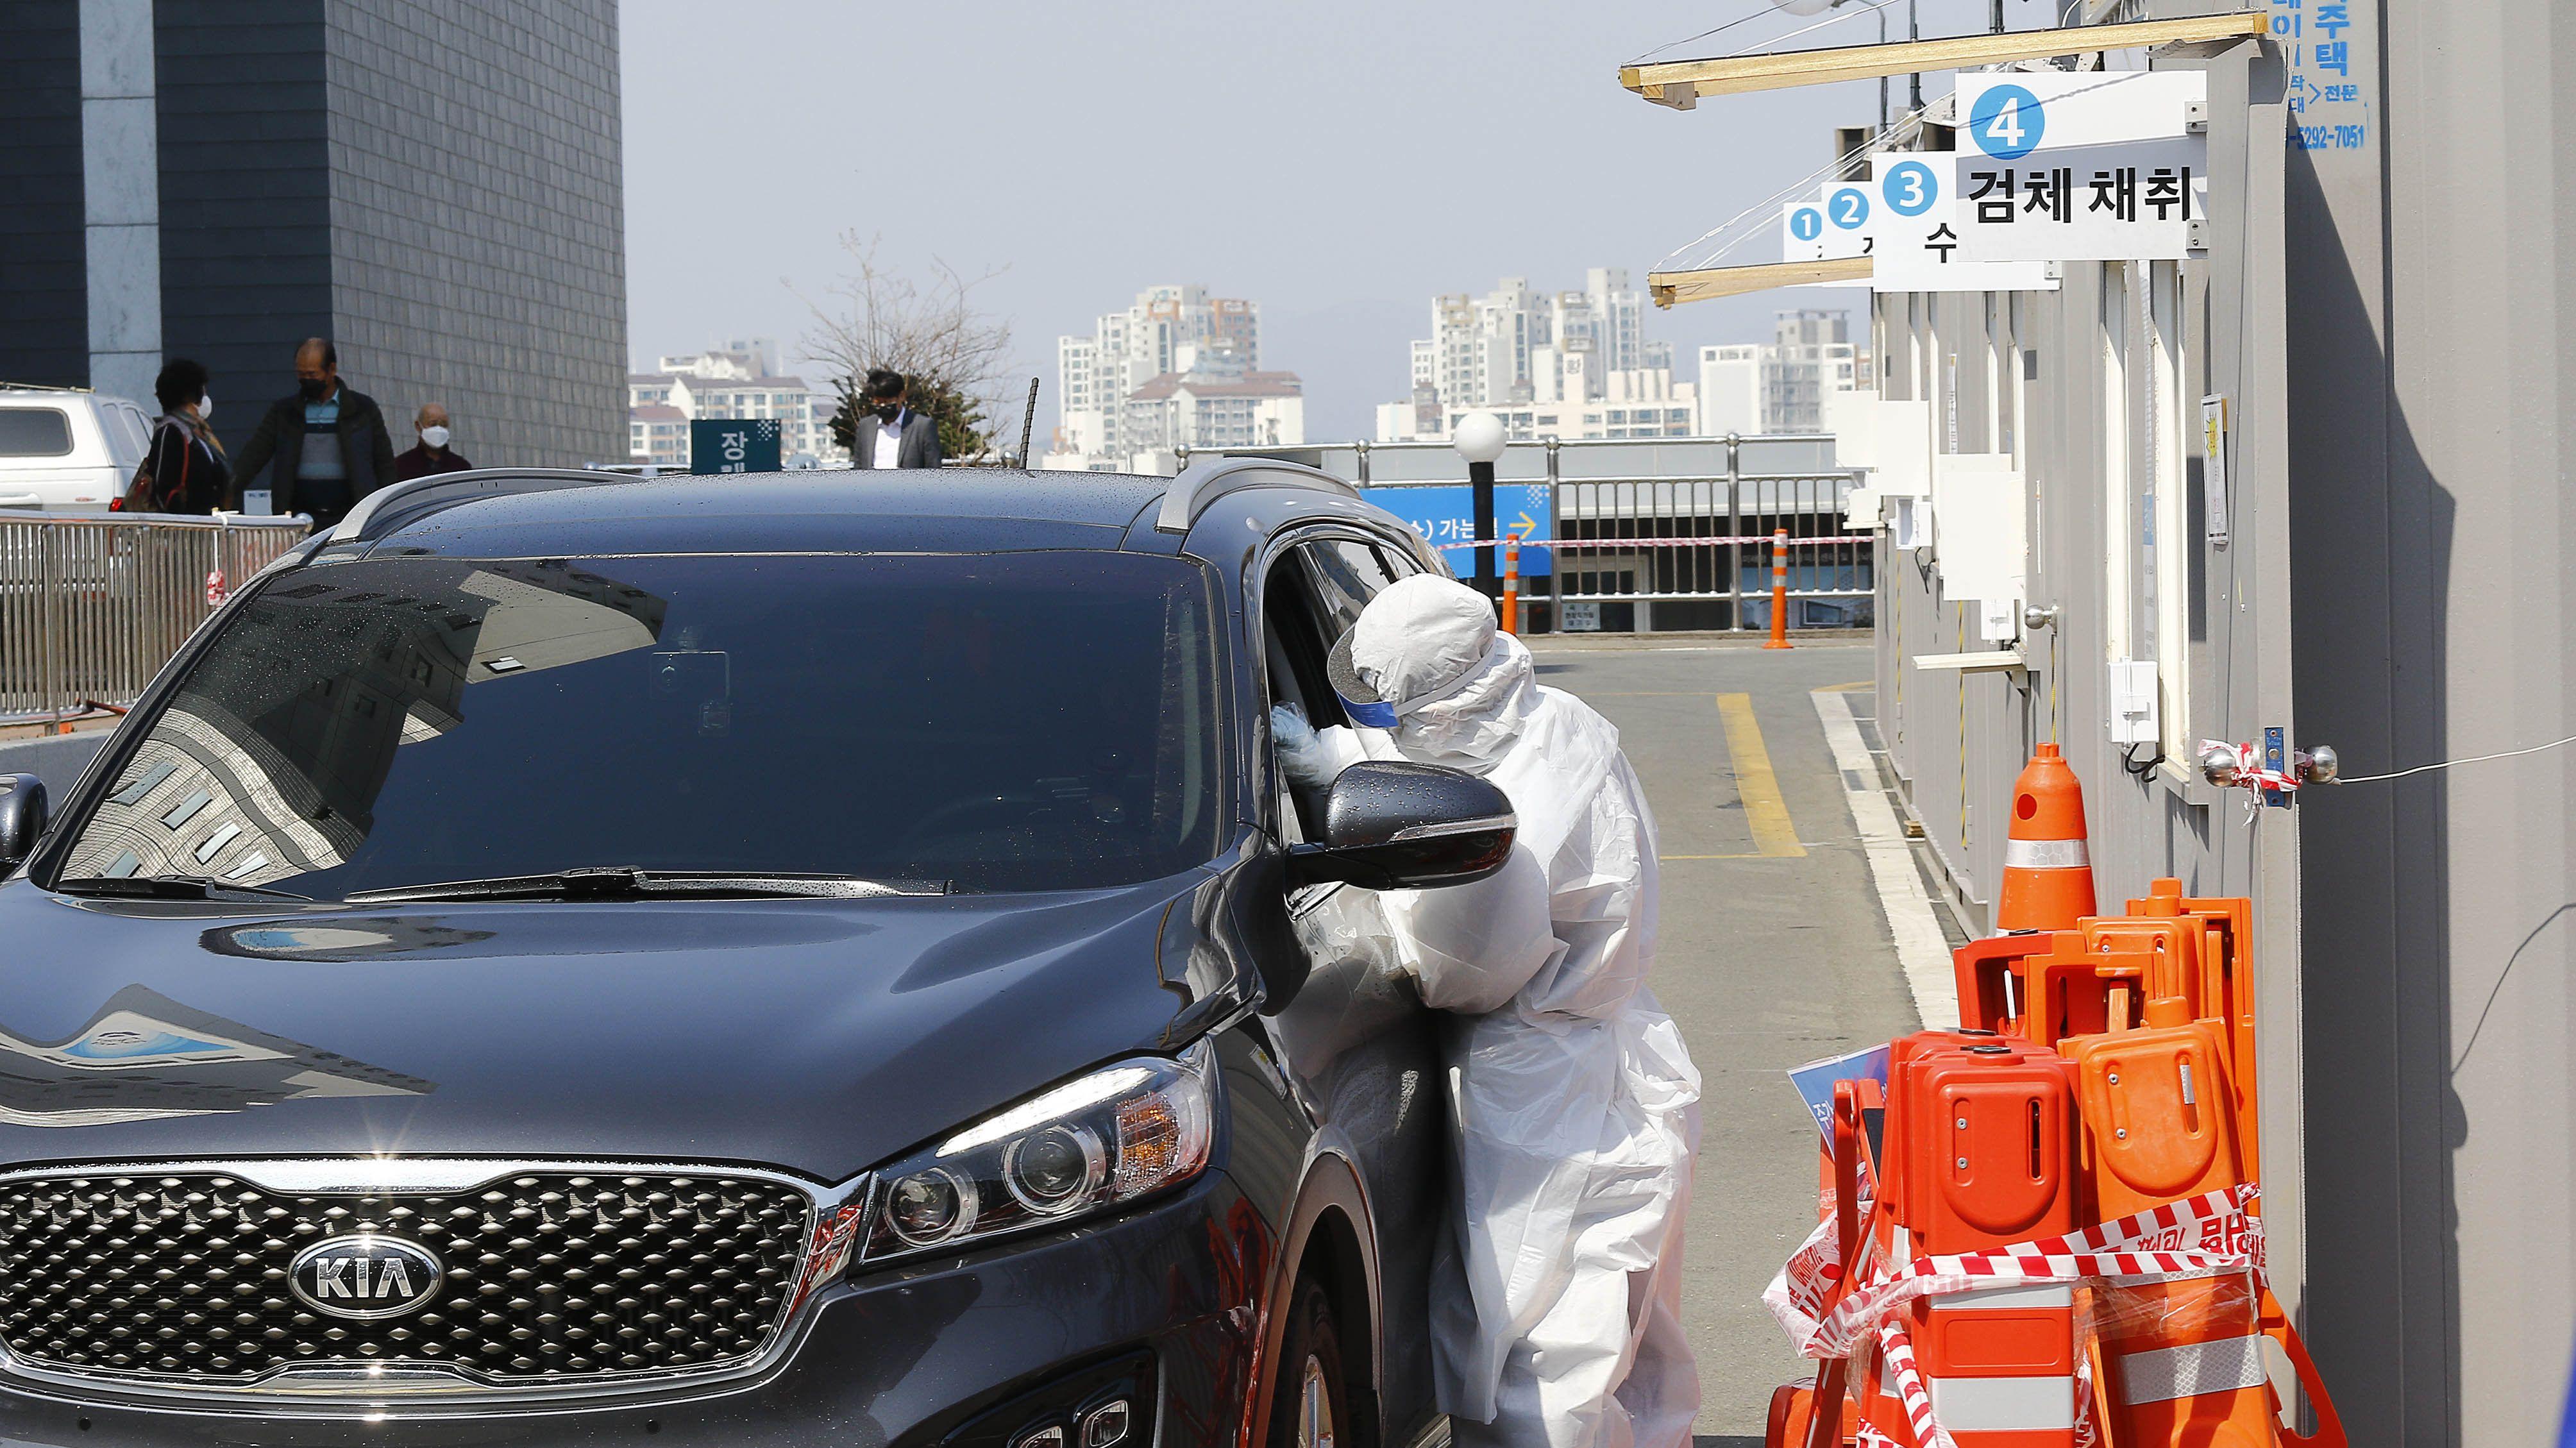 Ein Drive-Through-Schalter in der südkoreanischen Stadt Daegu, wo derzeit Massentests zur Erkennung des Coronavirus durchgeführt werden.